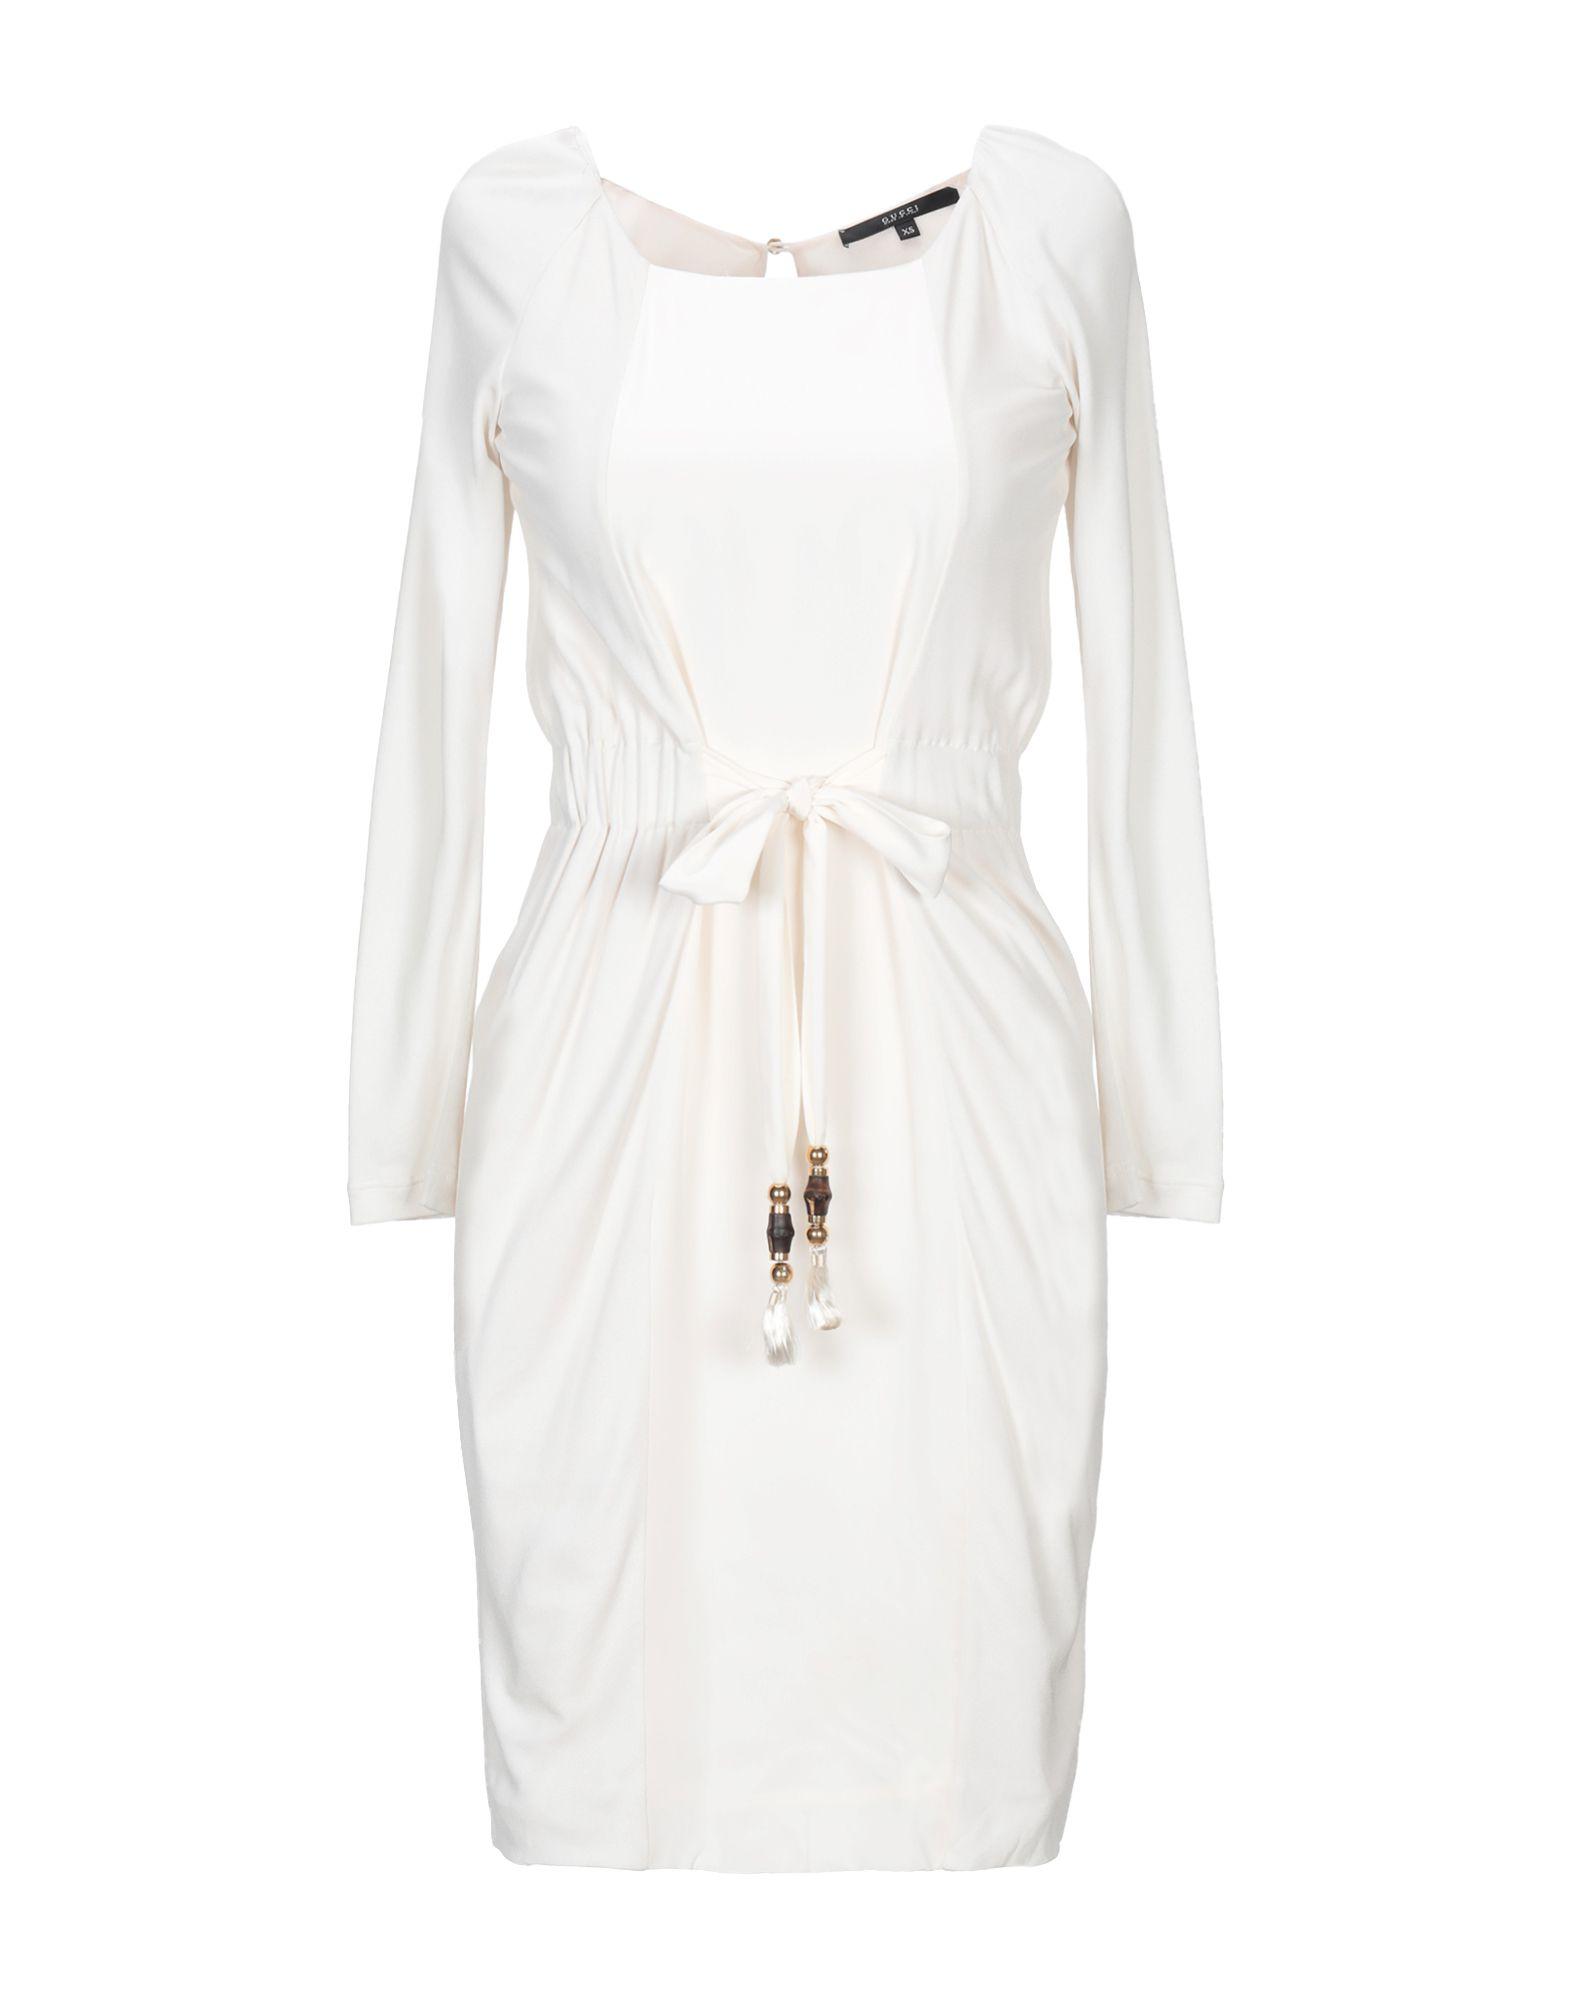 GUCCI Damen Kurzes Kleid Farbe Weiß Größe 3